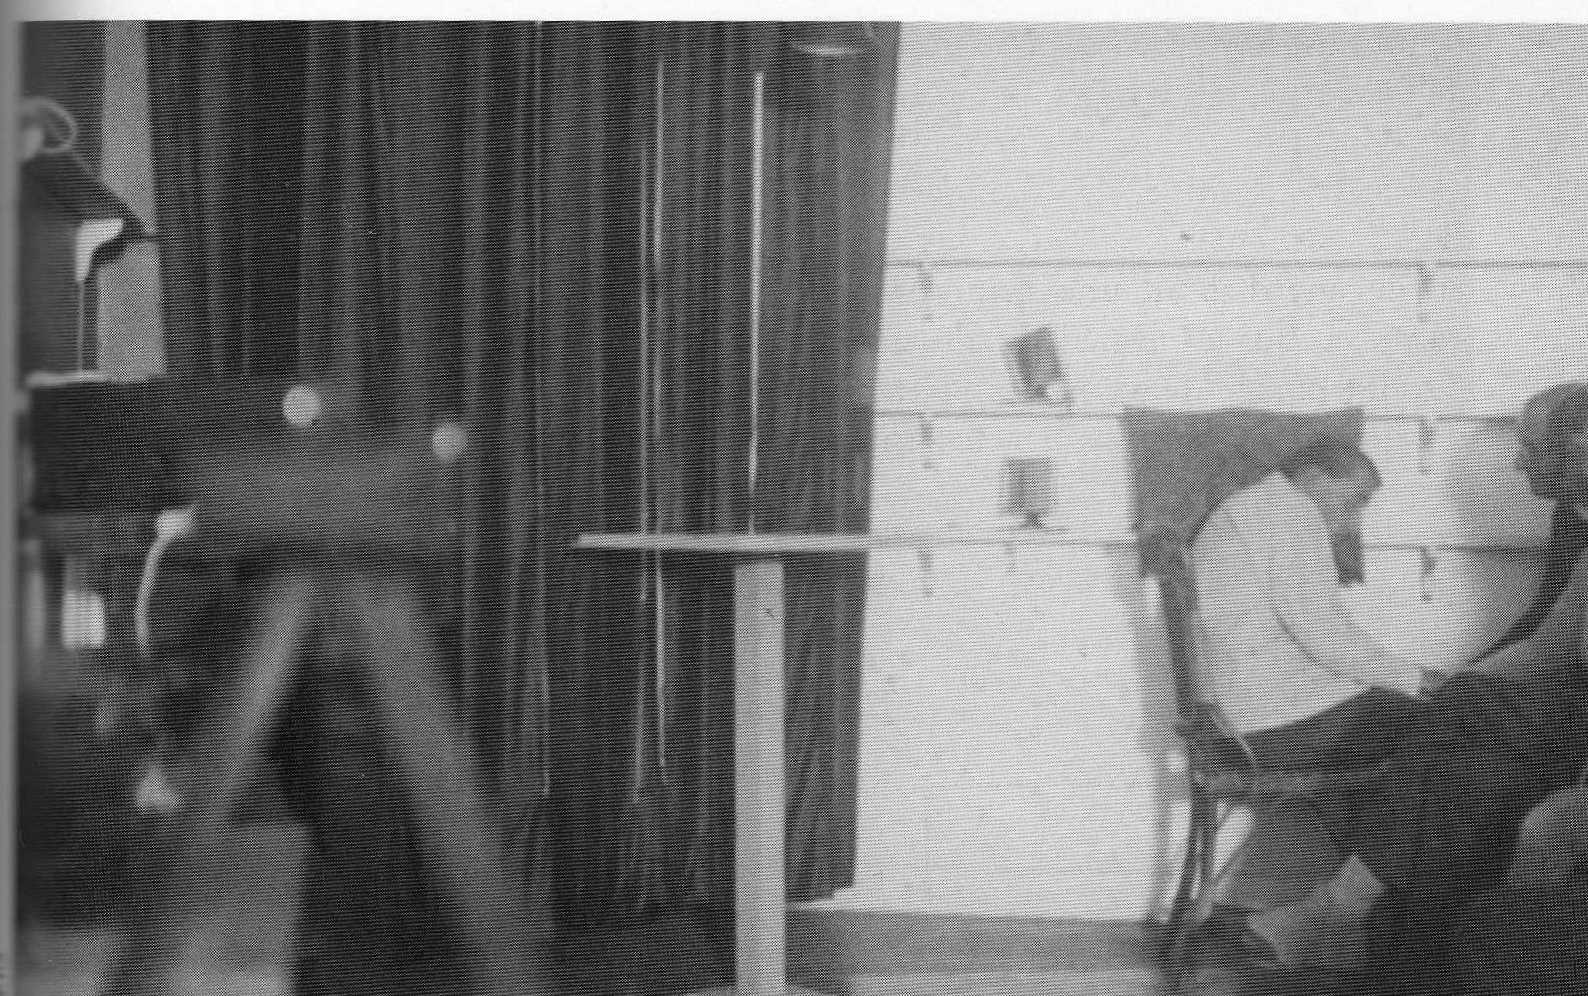 L'une des premières photogaphies prises automatiquement par le dispositif de sécurité mis en place par Eugène Osty